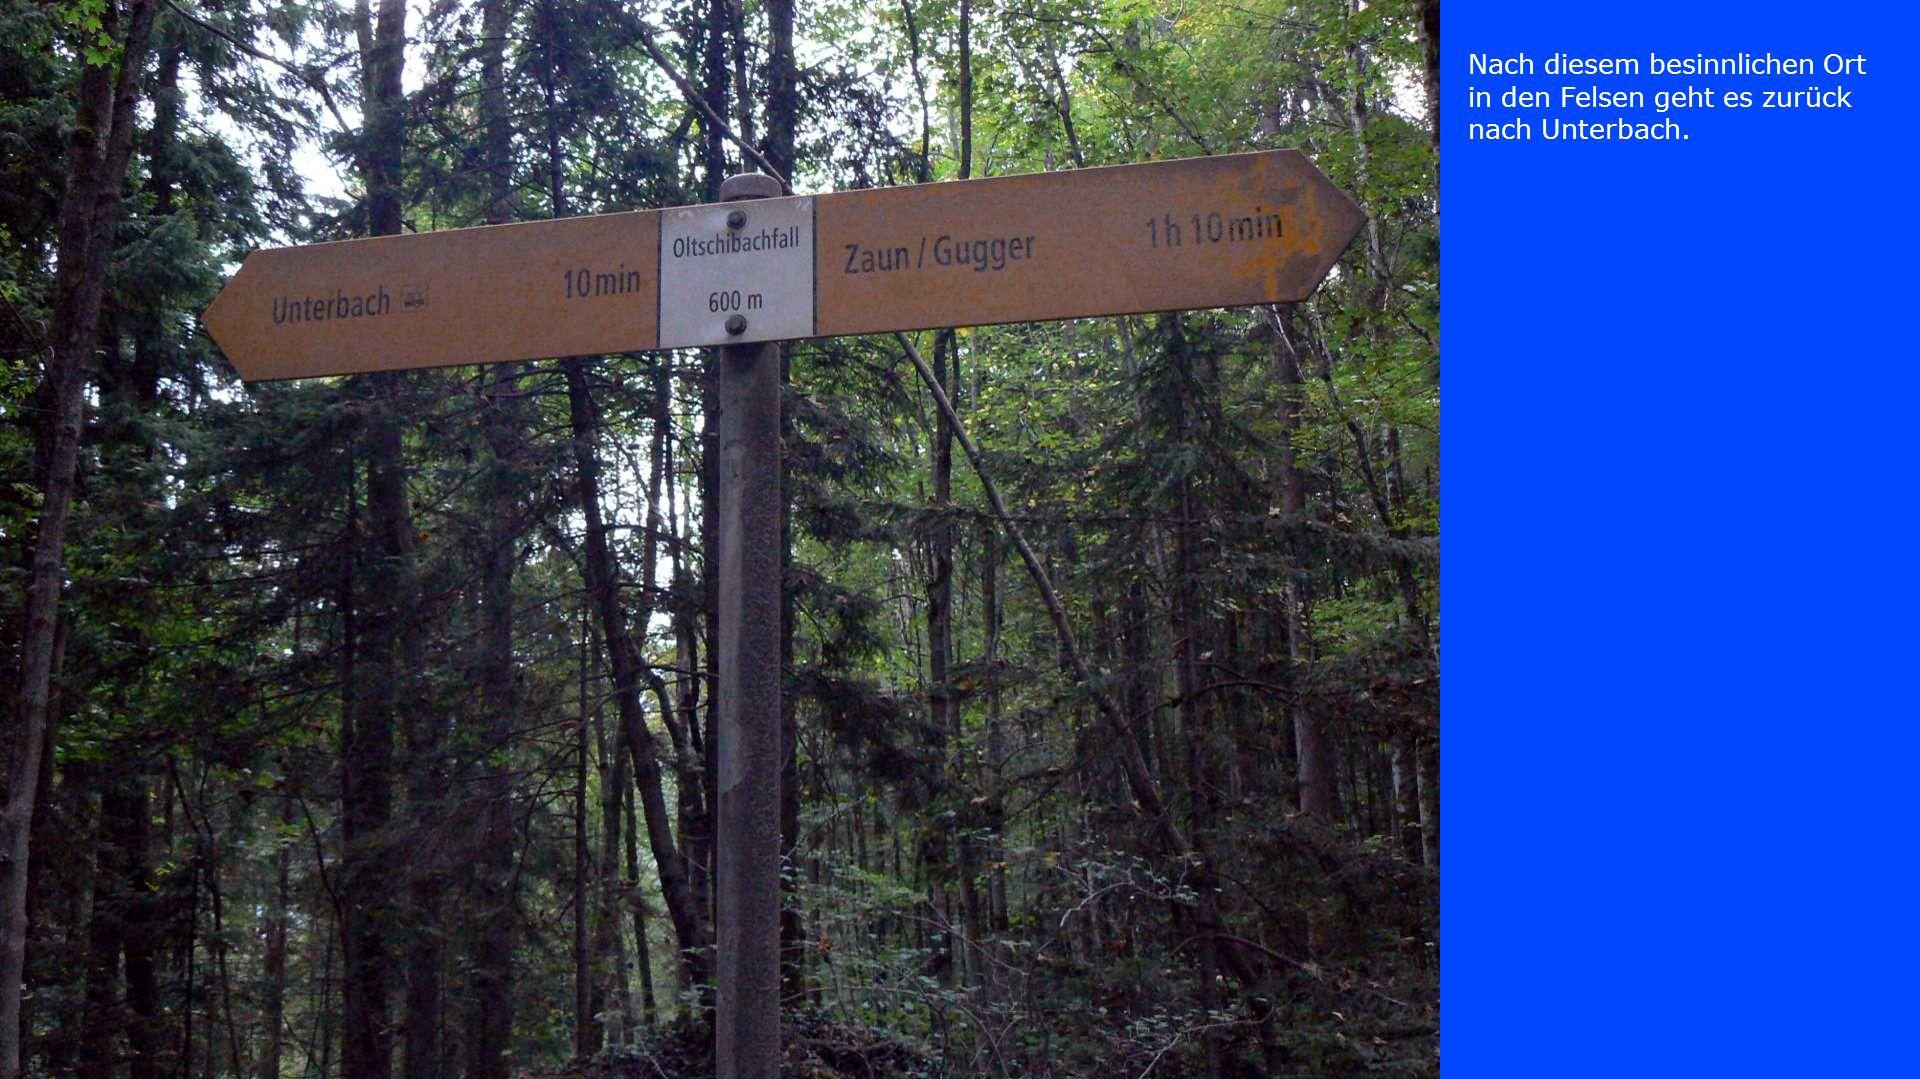 Nach diesem besinnlichen Ort in den Felsen geht es zurück nach Unterbach.